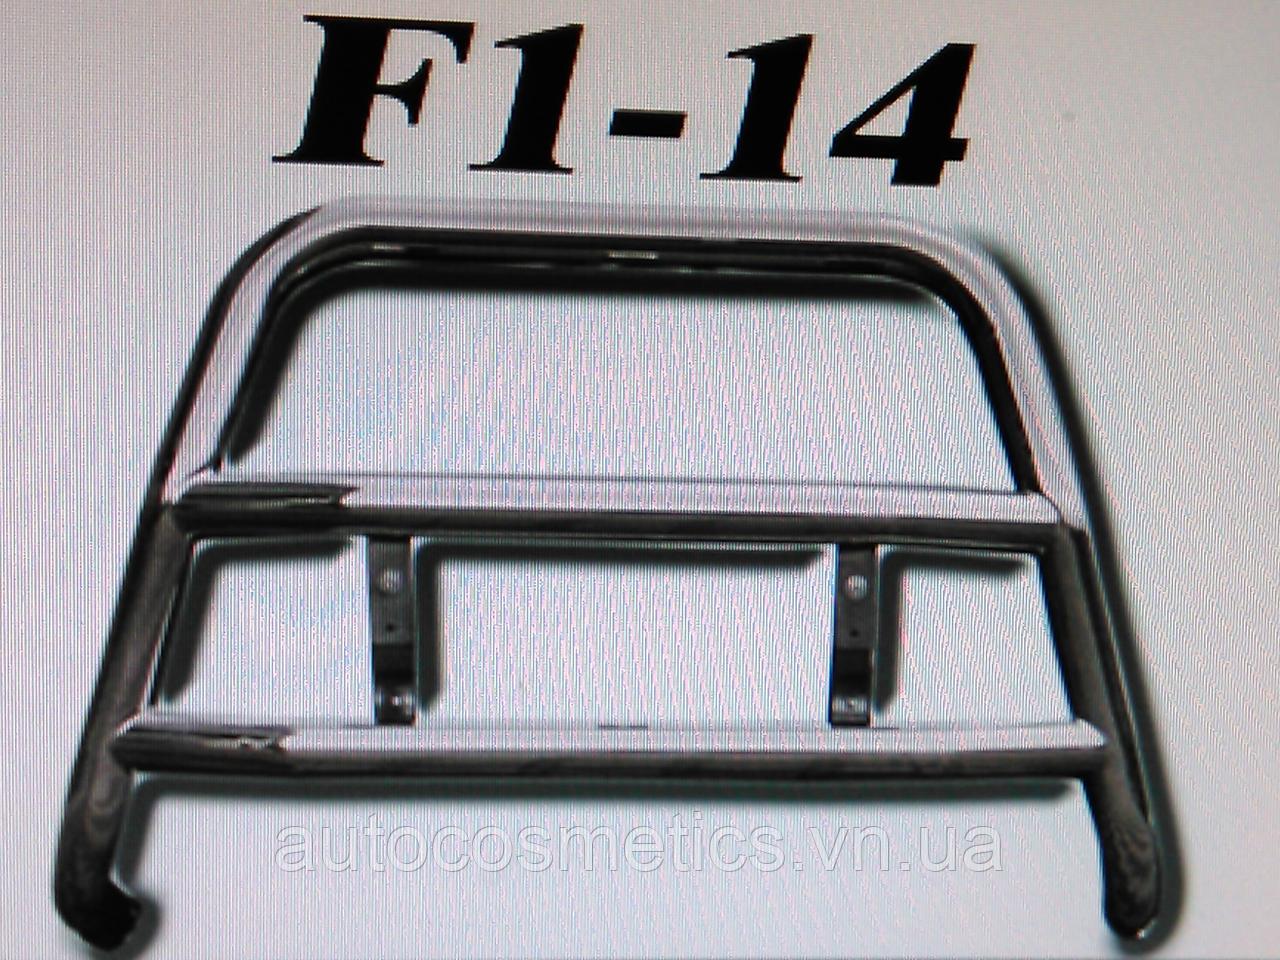 Кенгурятник F1-14